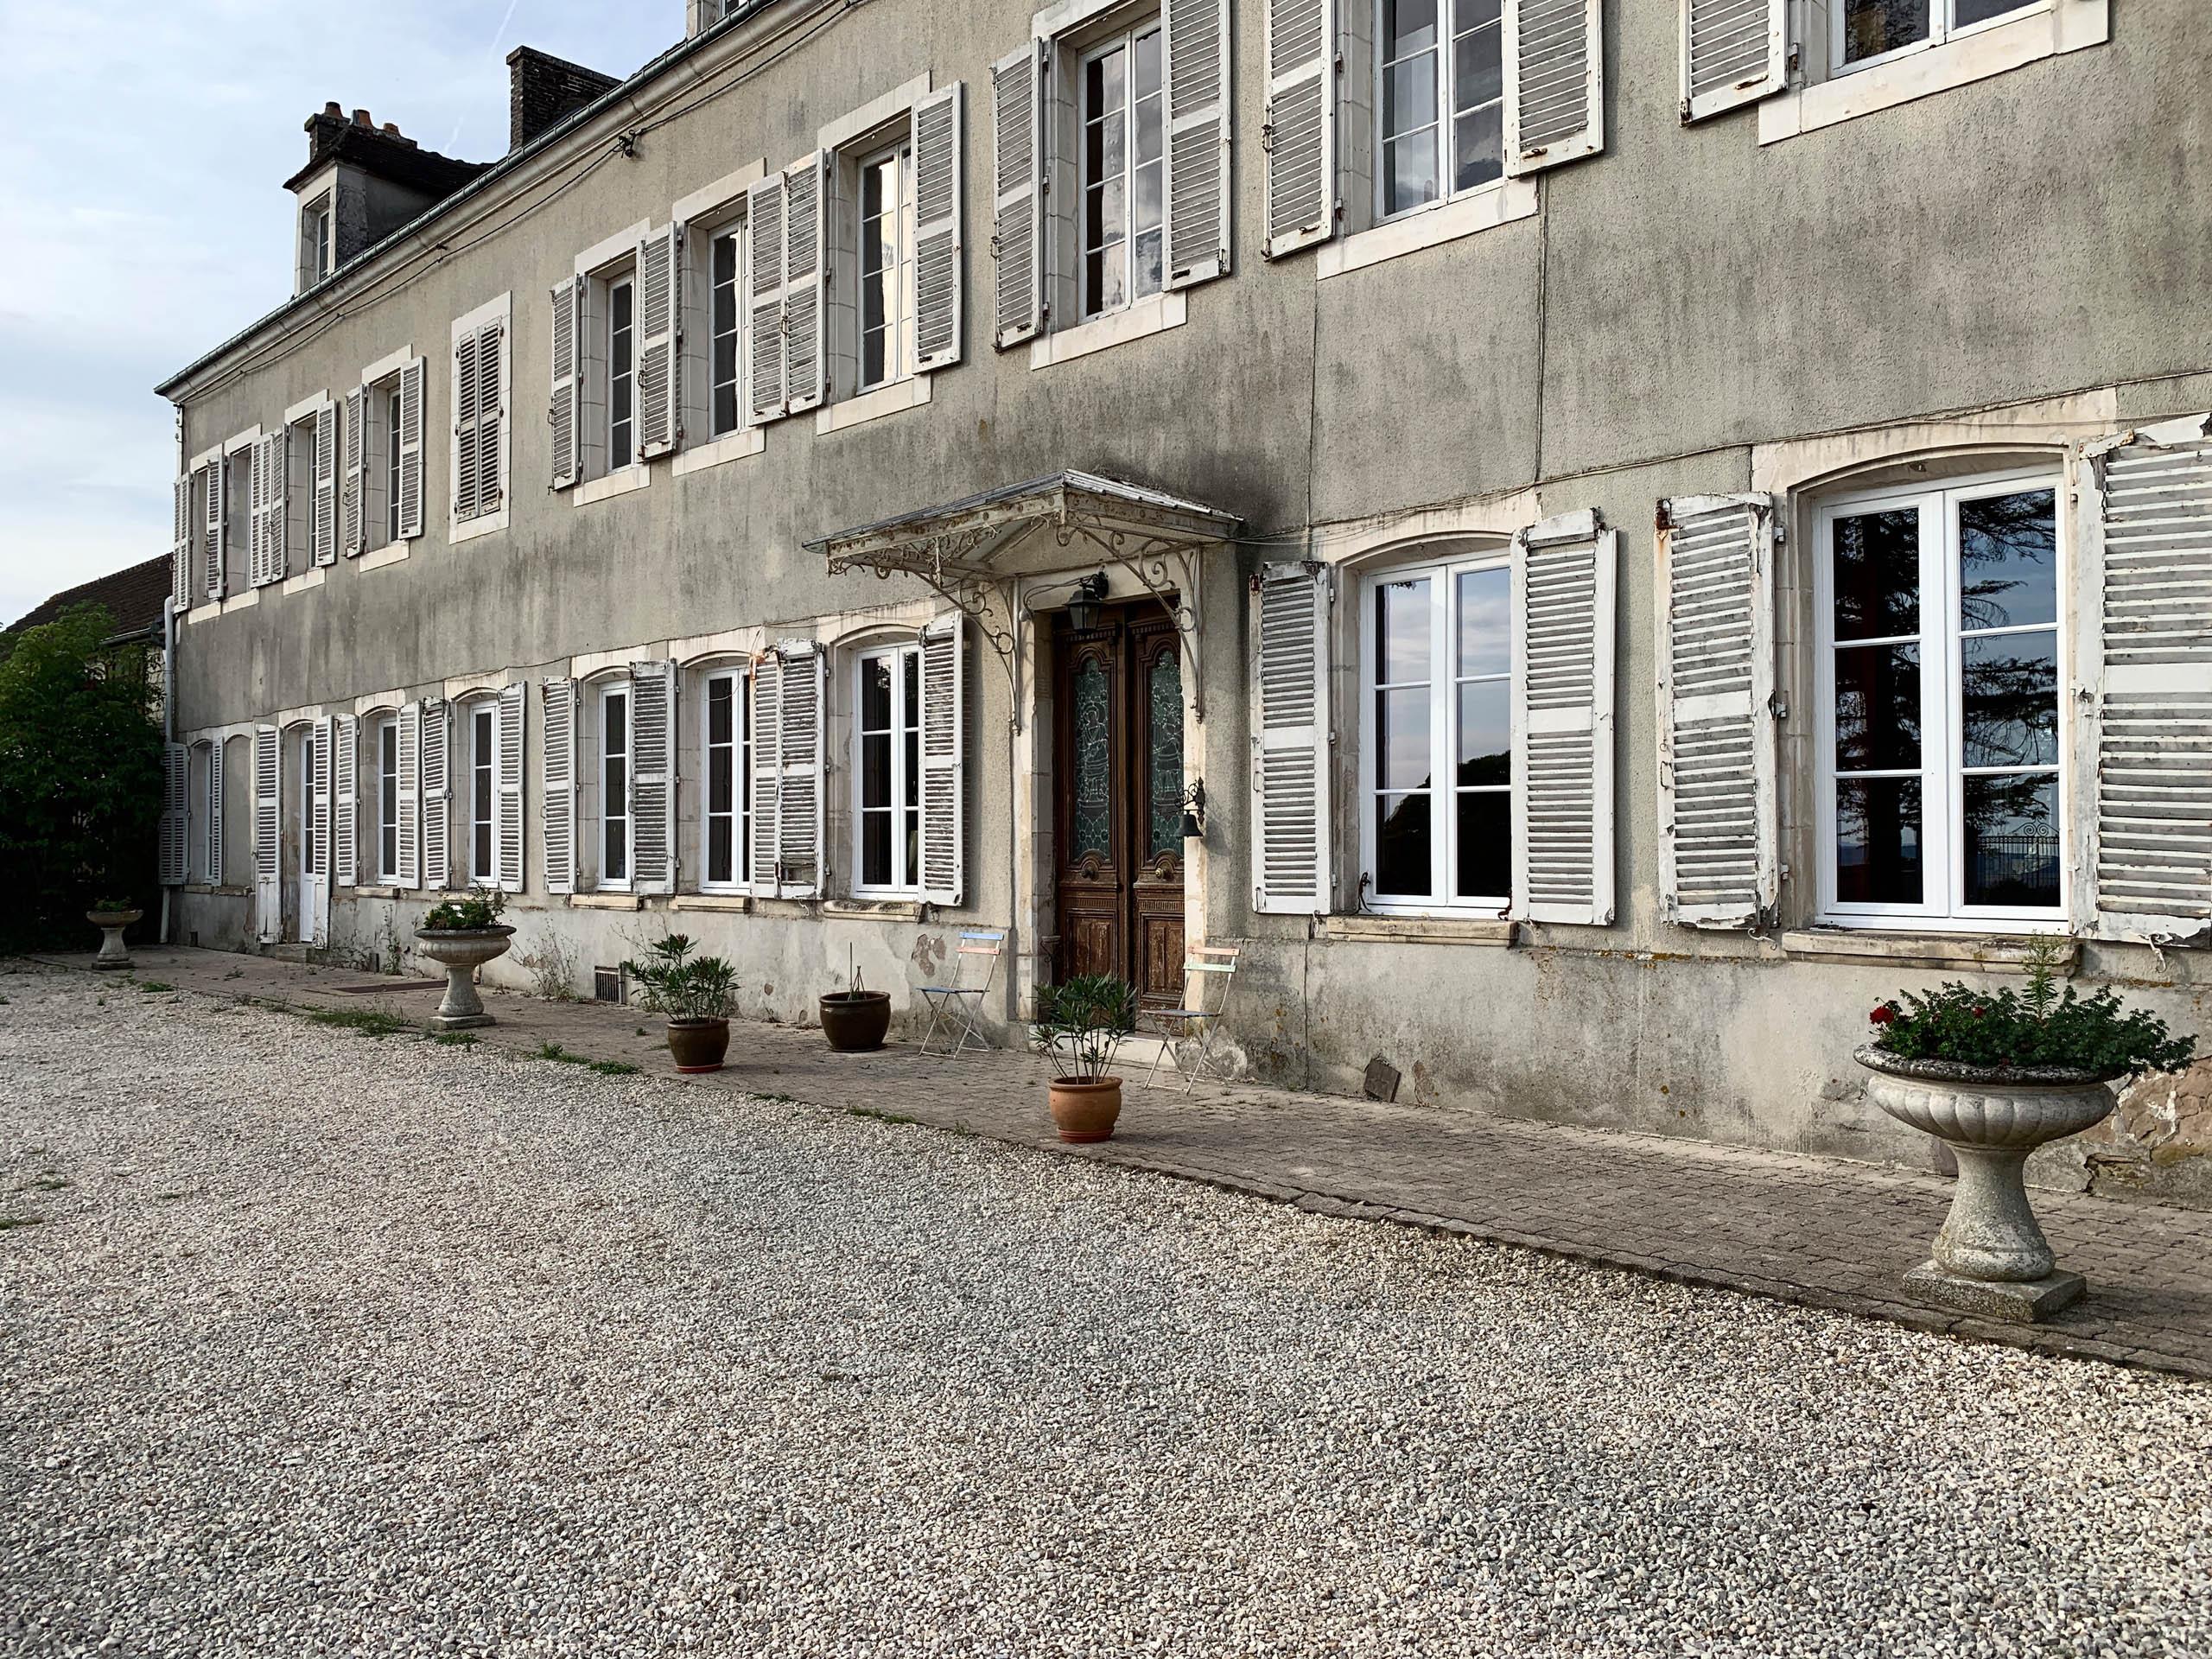 Chambres d'hotes Des Brions - nasz nocleg w Tonnerre